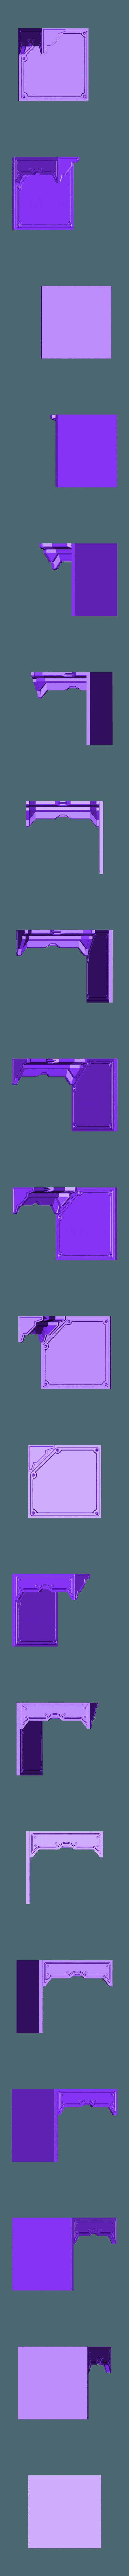 Corner.stl Télécharger fichier STL Modular Space Tiles (kit de base pour votre table) [Kickstarterproject] • Modèle imprimable en 3D, Nemoriko